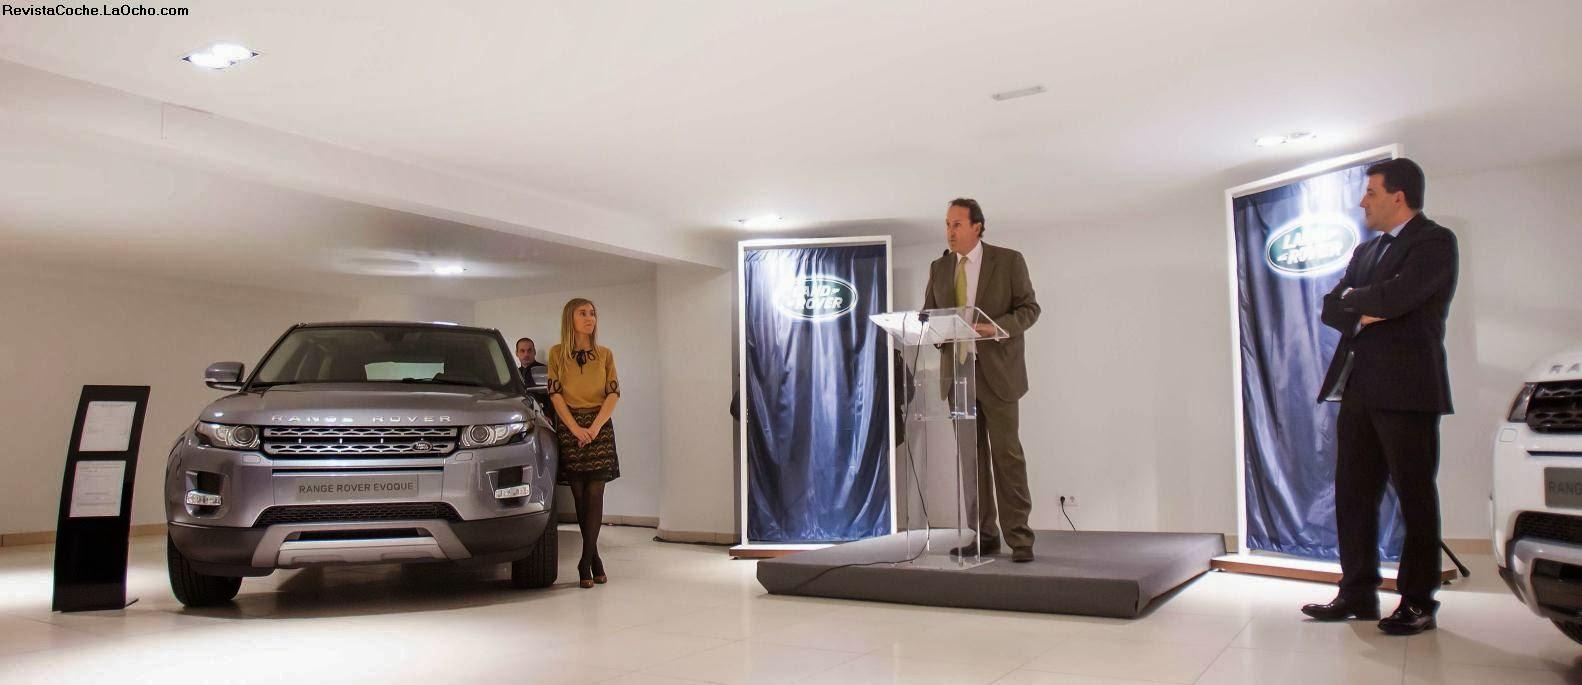 Revista coche nuevo concesionario de land rover en la rioja - Concesionario land rover madrid ...